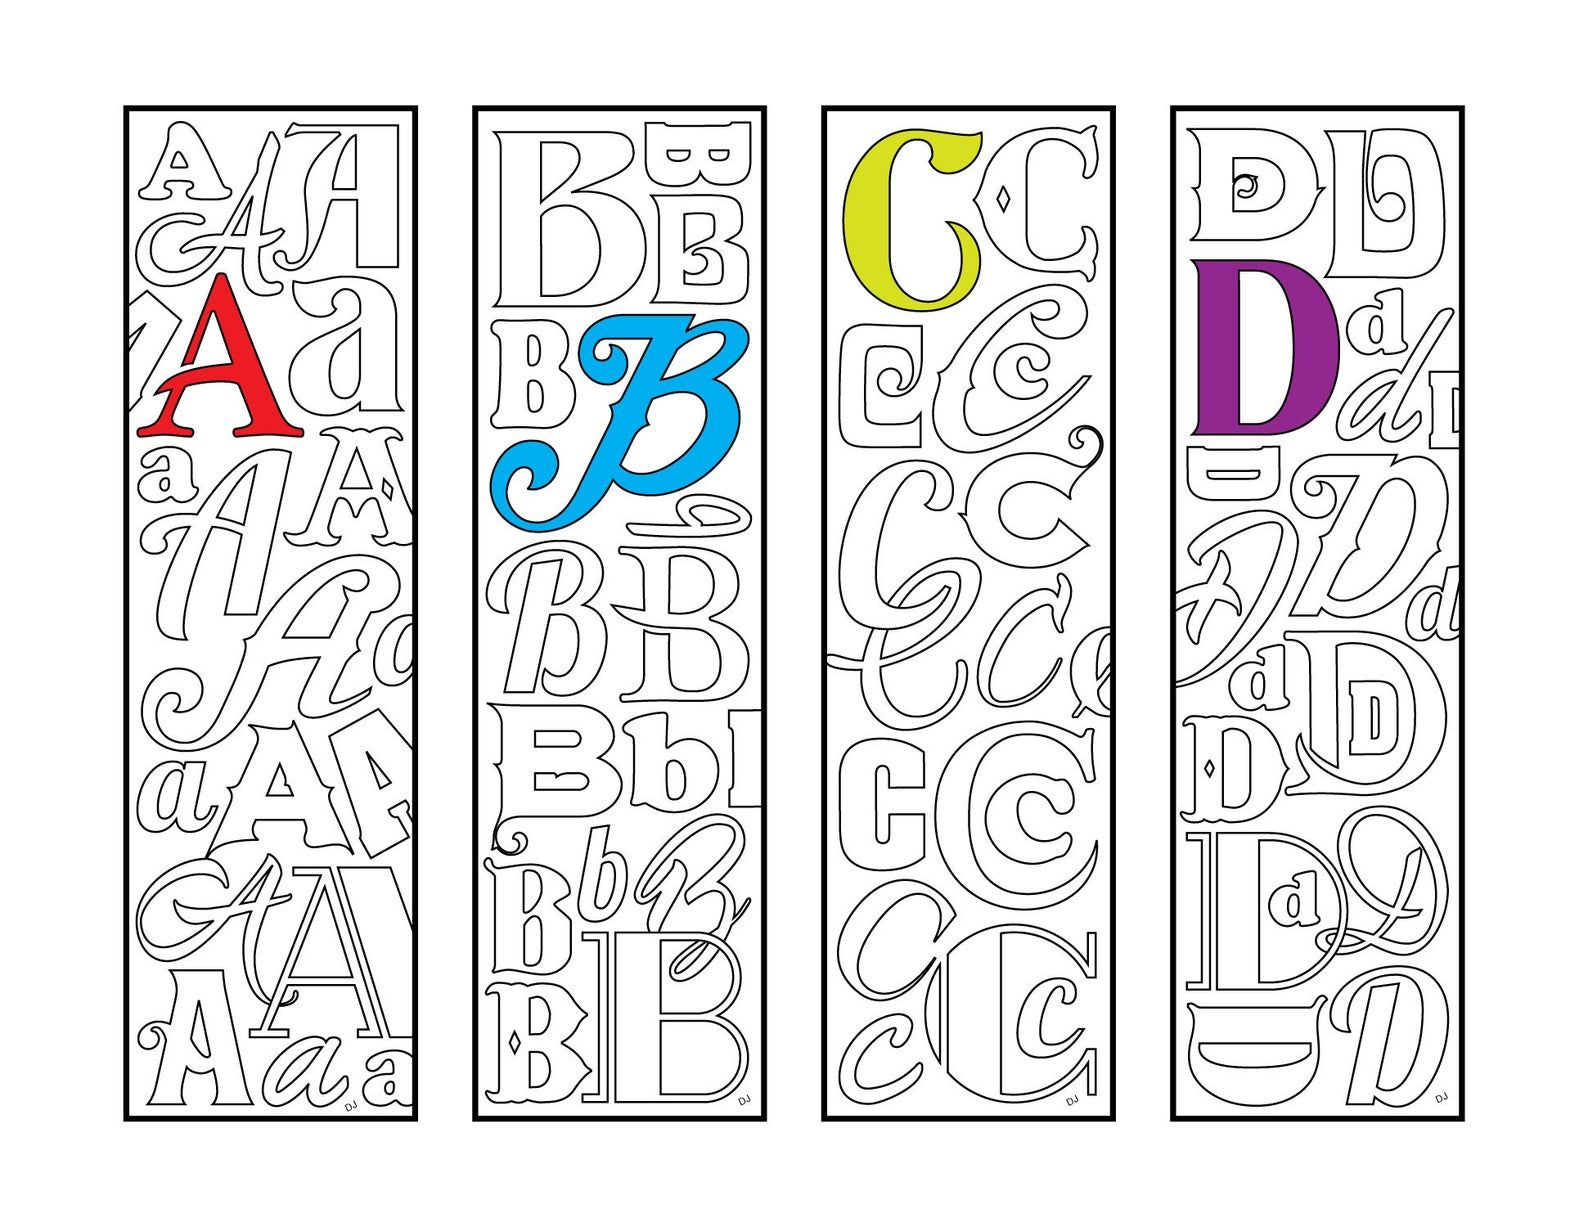 A B C D Monogram Alphabet Letter Bookmarks Pdf Zentangle Coloring Page Boekenleggers Bladwijzer Knutselen Met Ijsstokjes